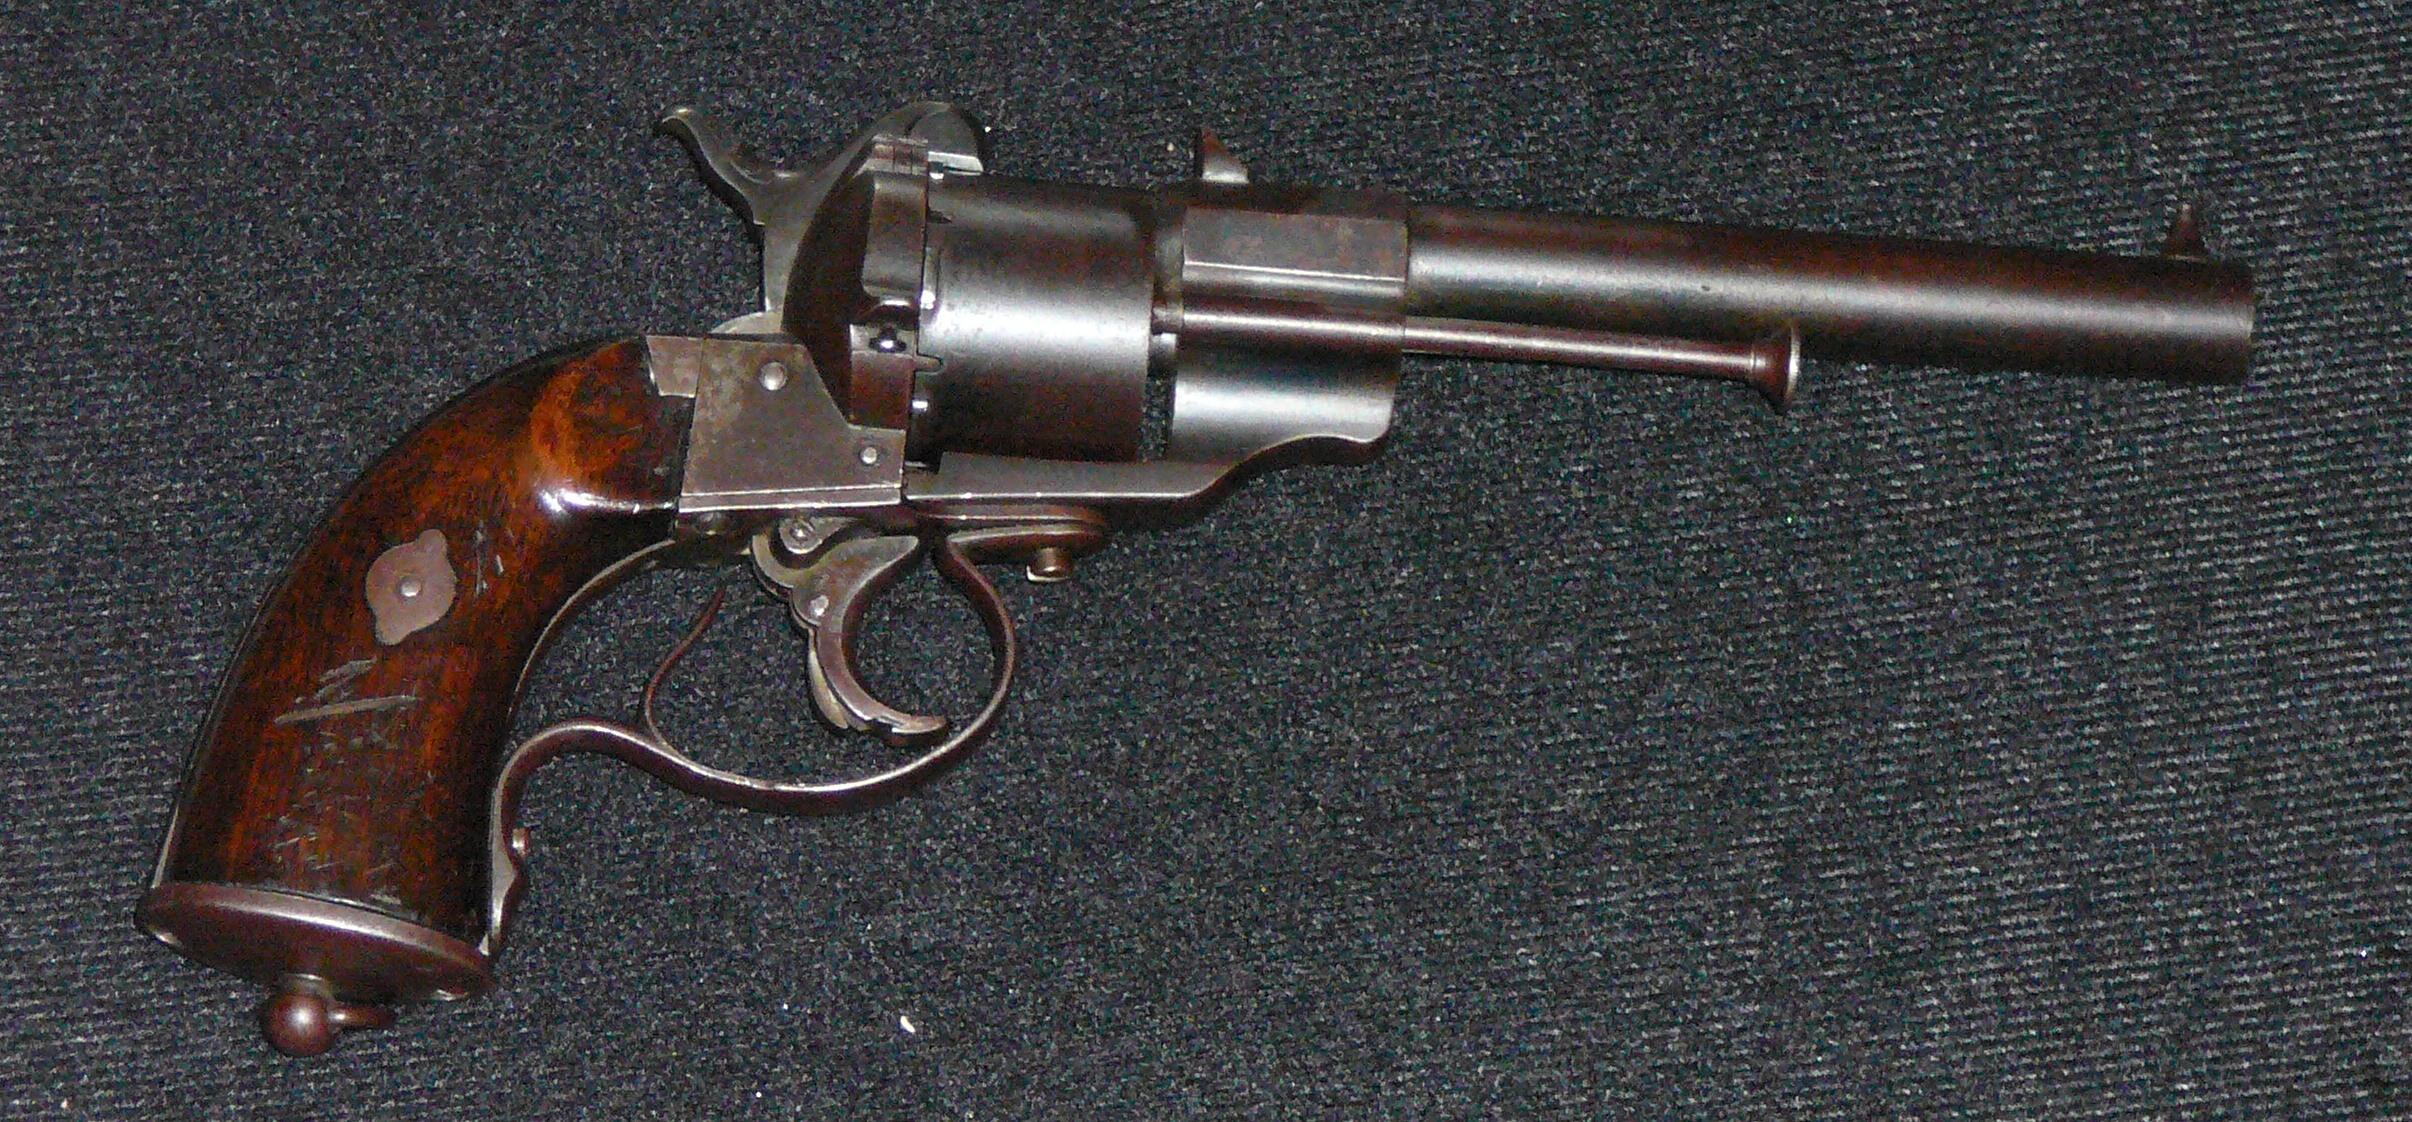 Lefaucheux Revolver Backgrounds, Compatible - PC, Mobile, Gadgets| 2412x1122 px